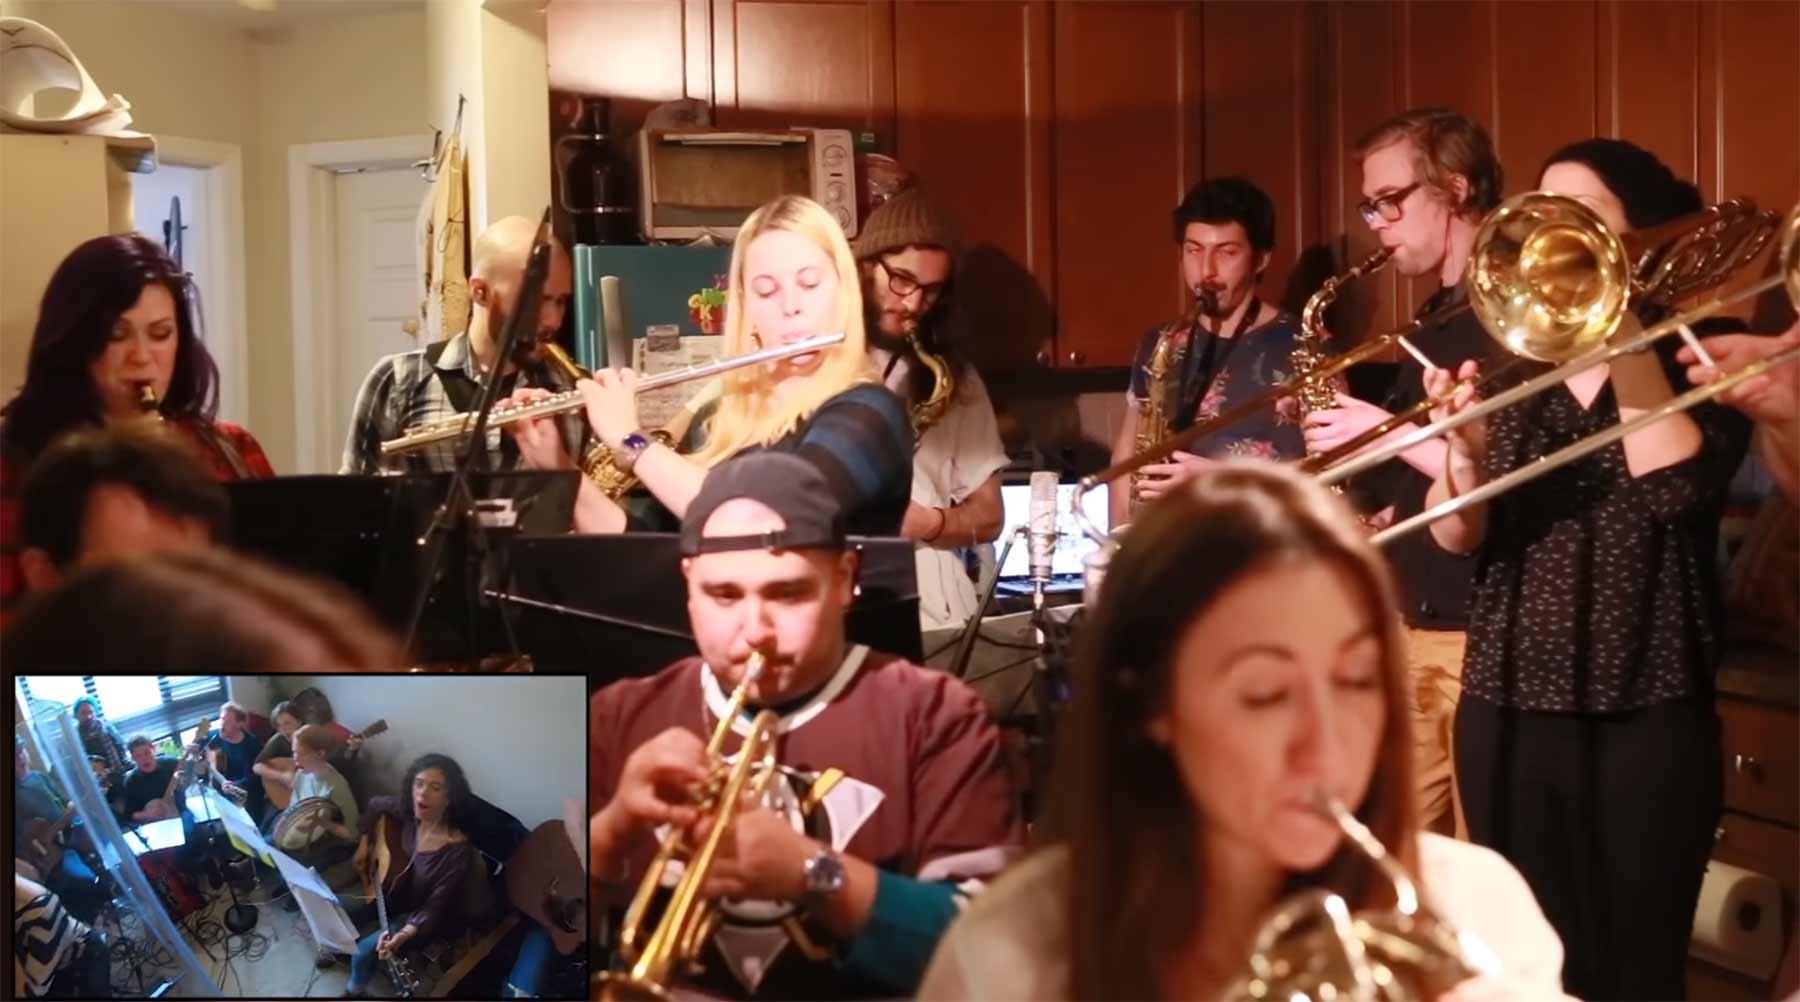 100 Leute in drei Wohnungen spielen zusammen Arcade Fire 100-leute-in-einer-wohnung-covern-arcade-fire